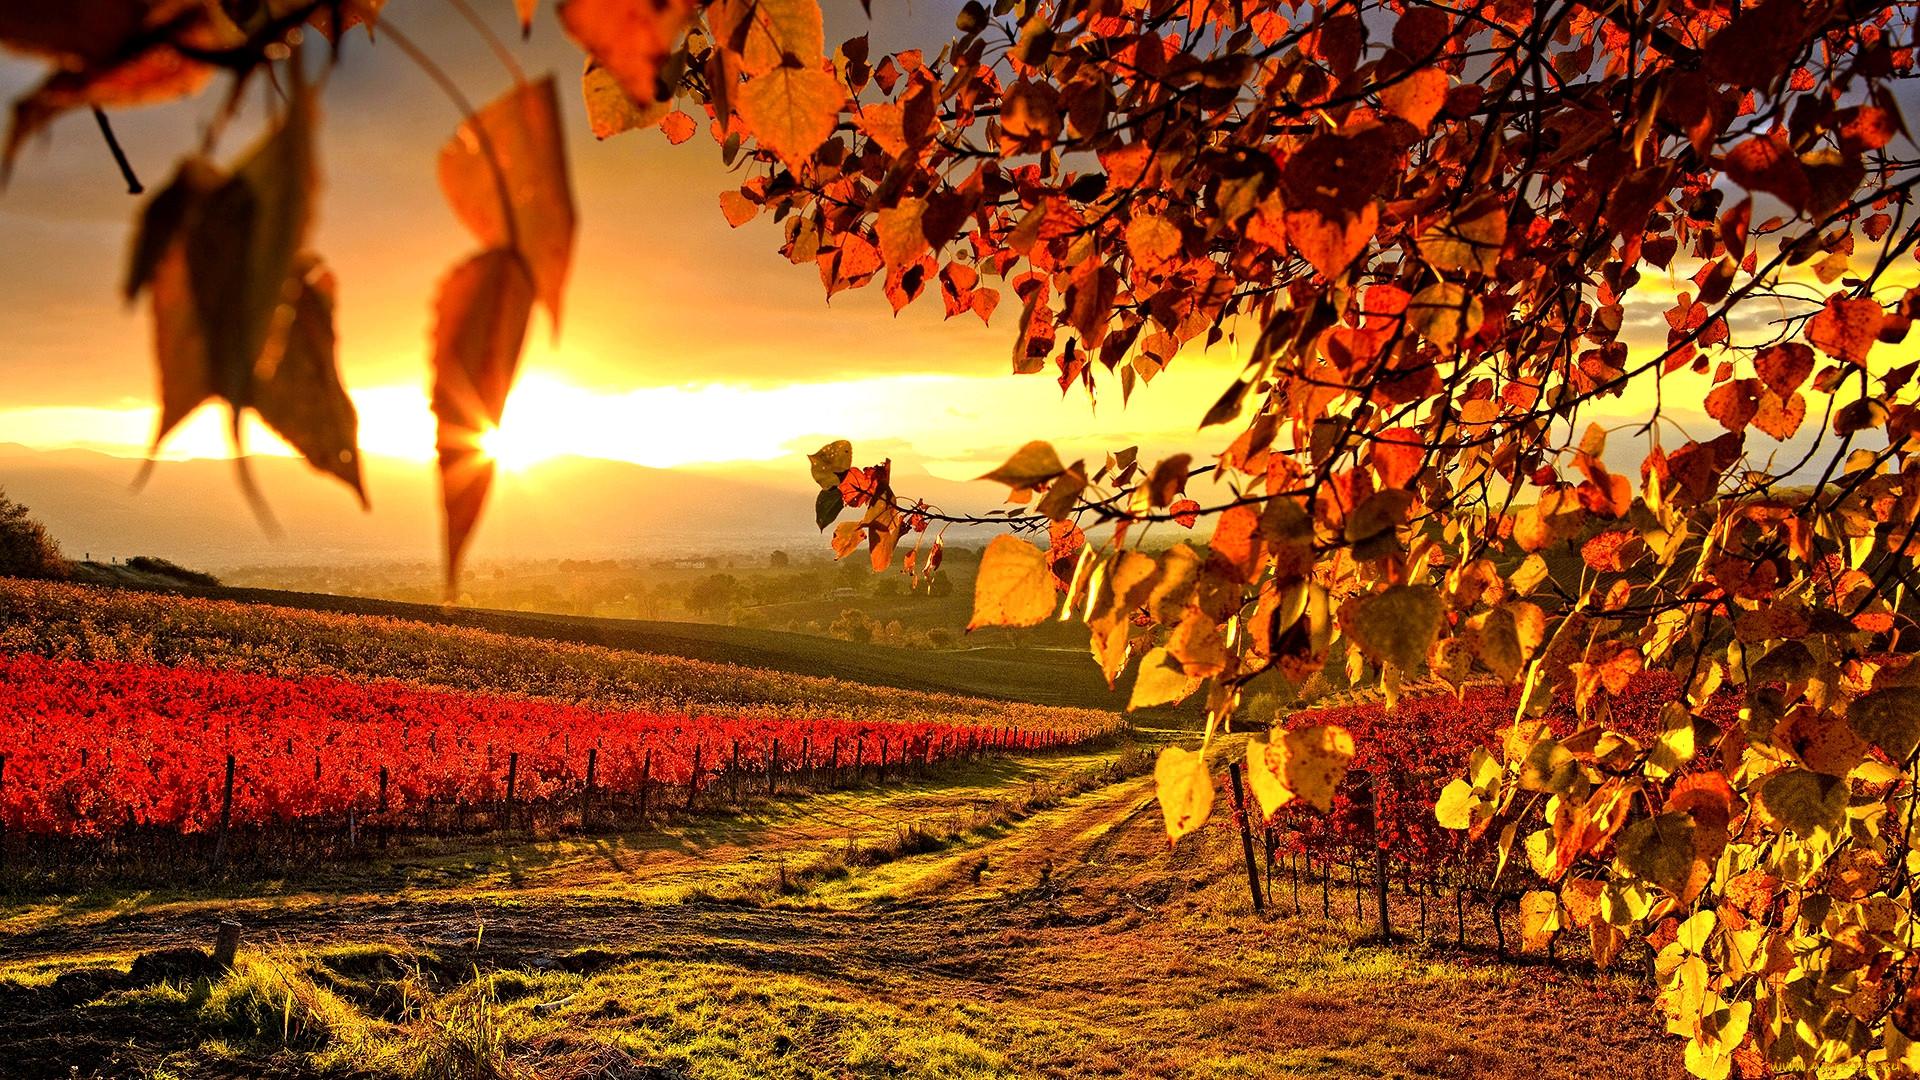 картинка на стол рабочий осень